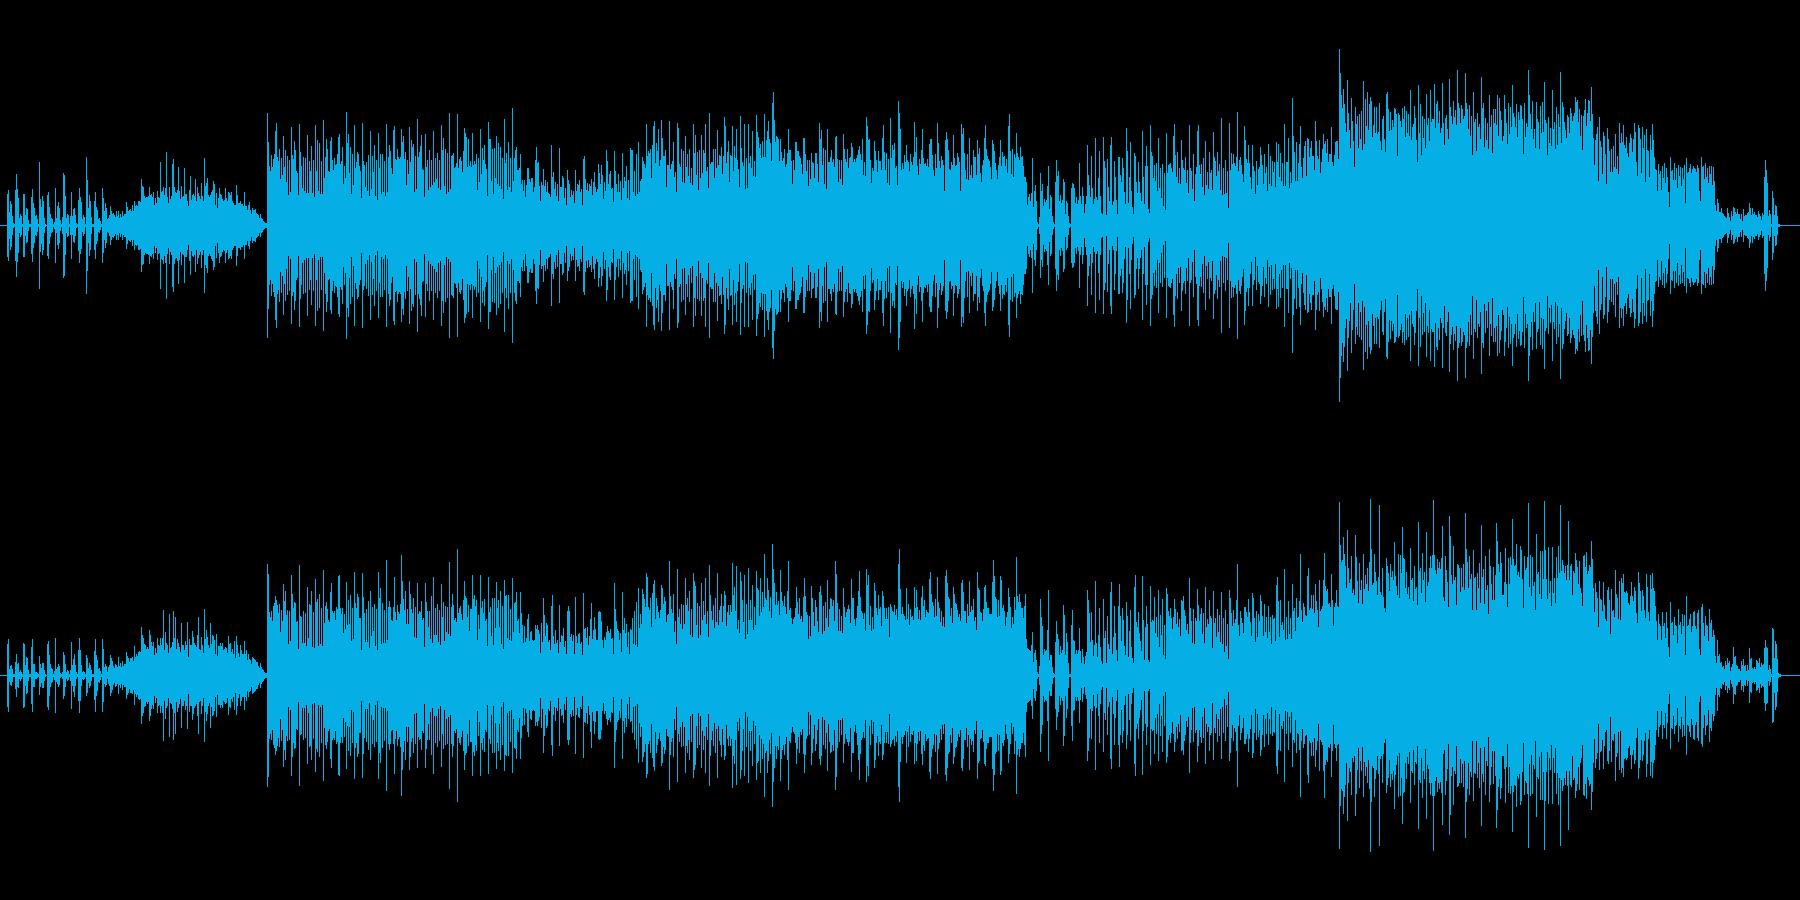 ユーモラスでゲーム向けなミニマルテクノの再生済みの波形